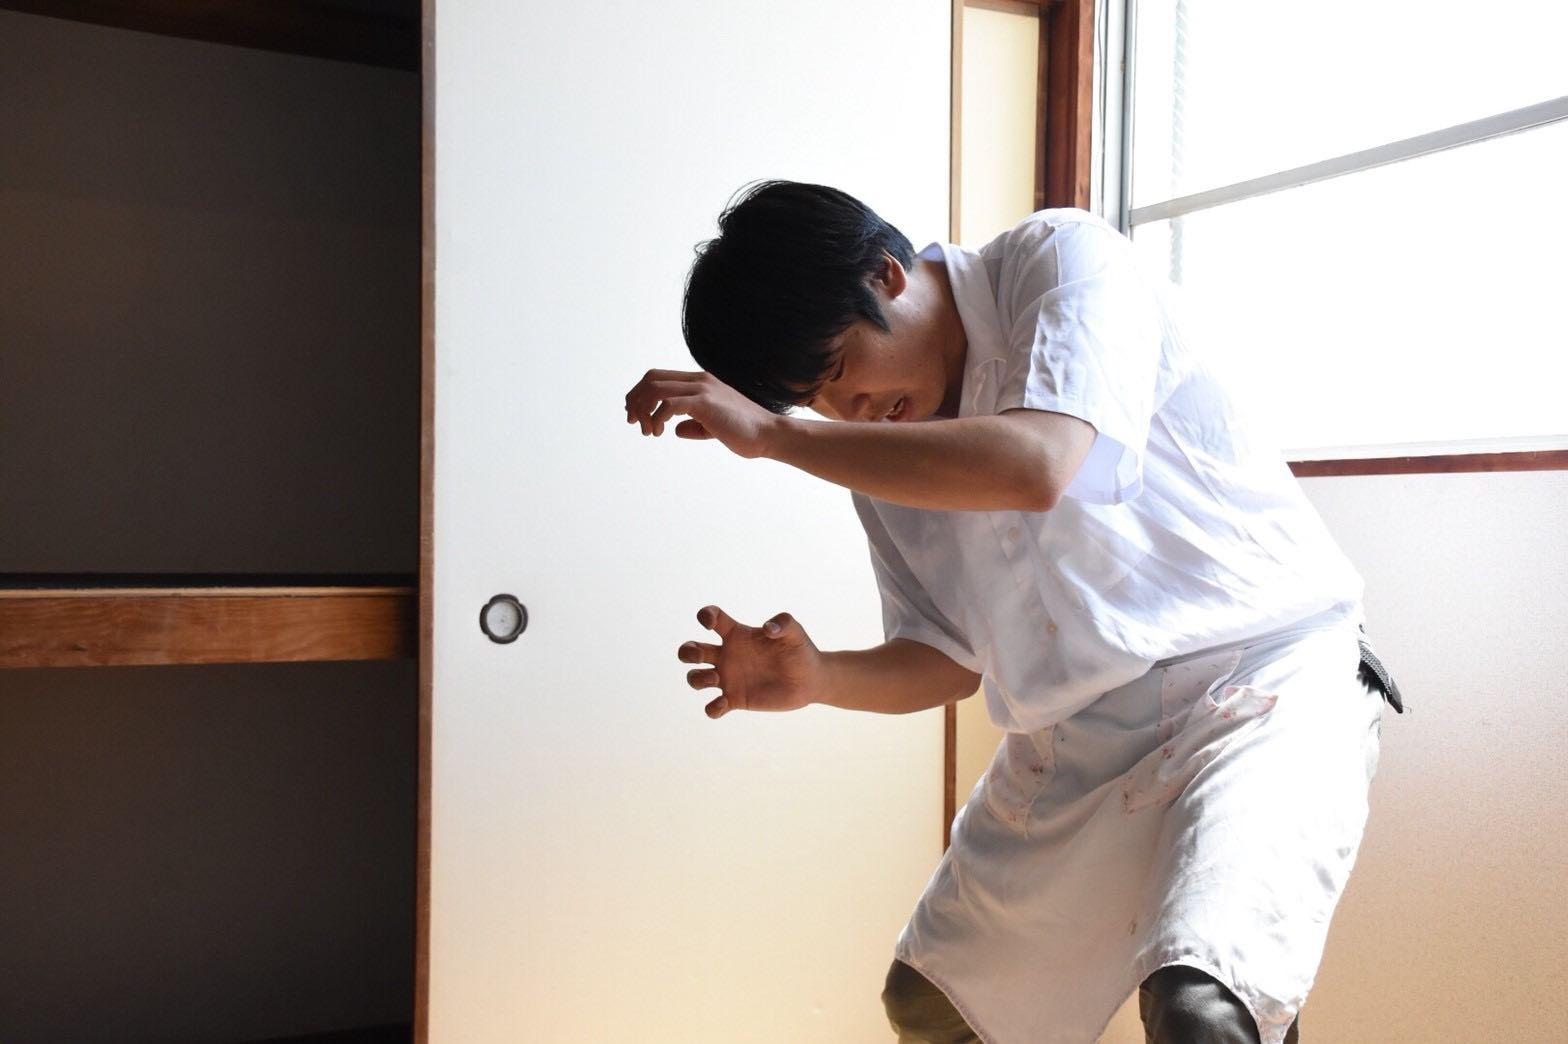 【父と暮せば】[常山・山田]幻のゲネ写真_180715_0083